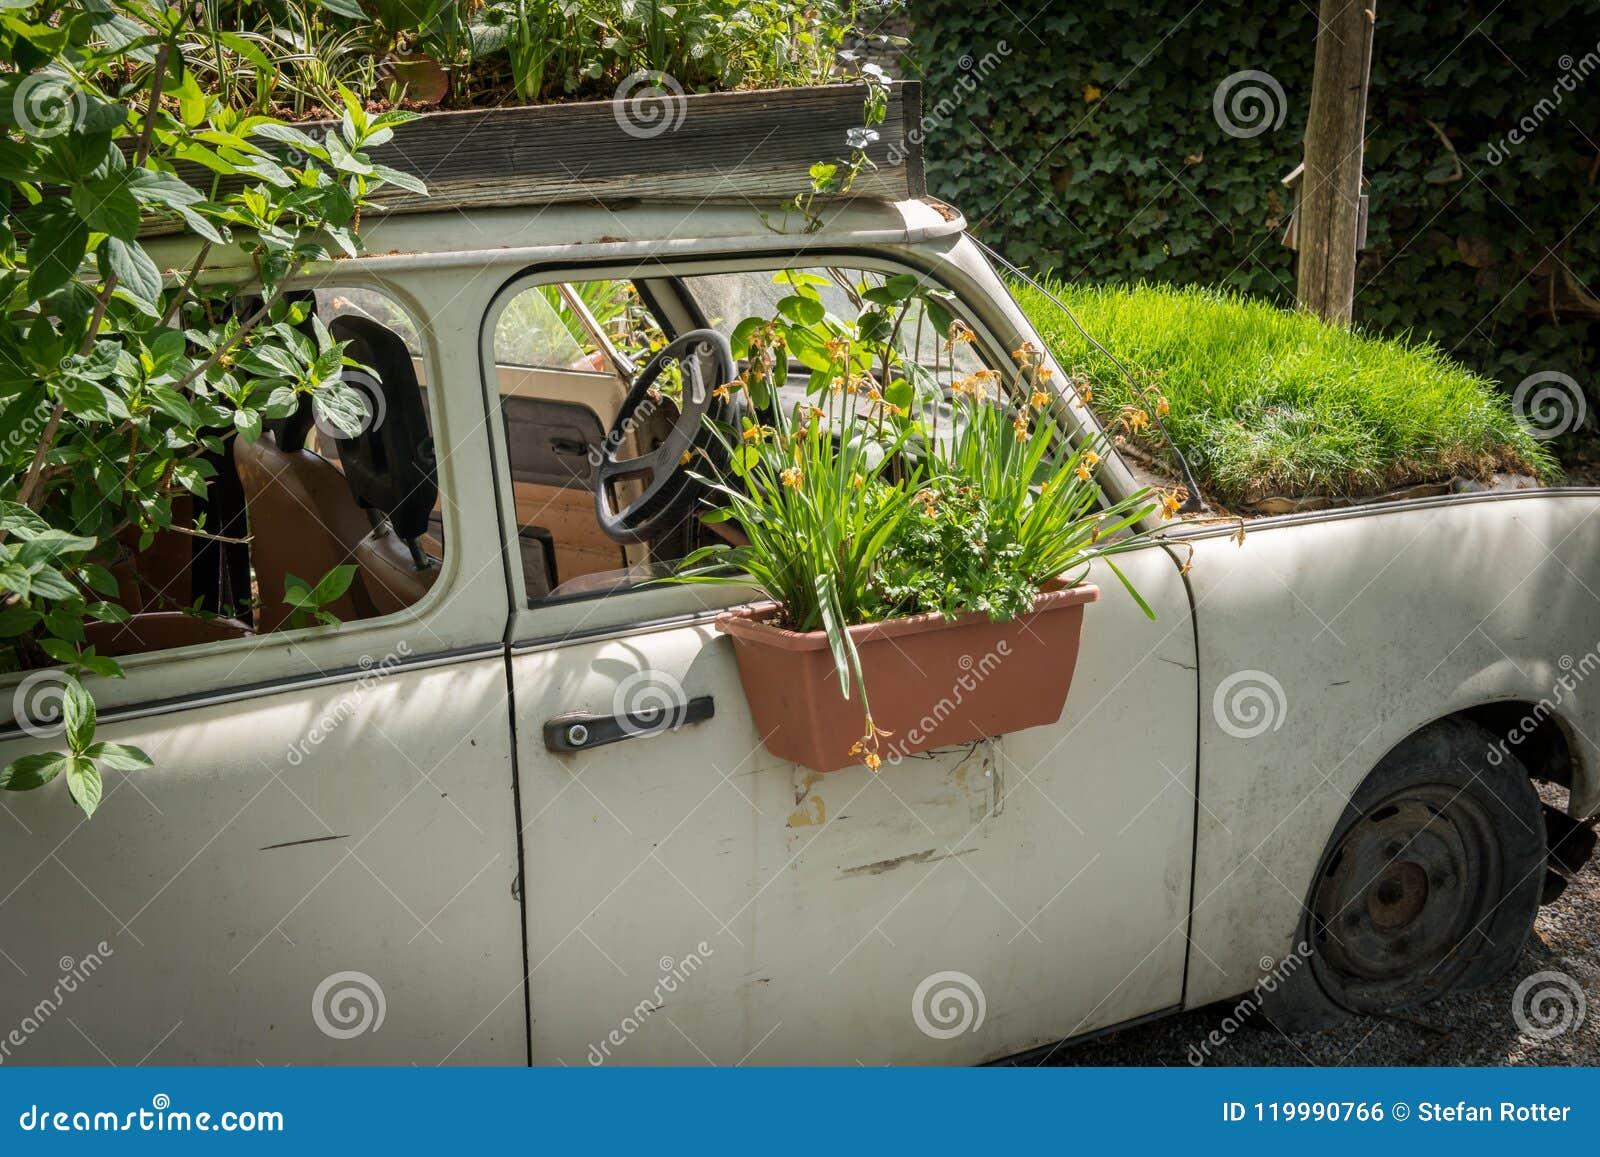 Vieille Voiture Utilisée Comme Décoration Dans Un Jardin Photo stock ...